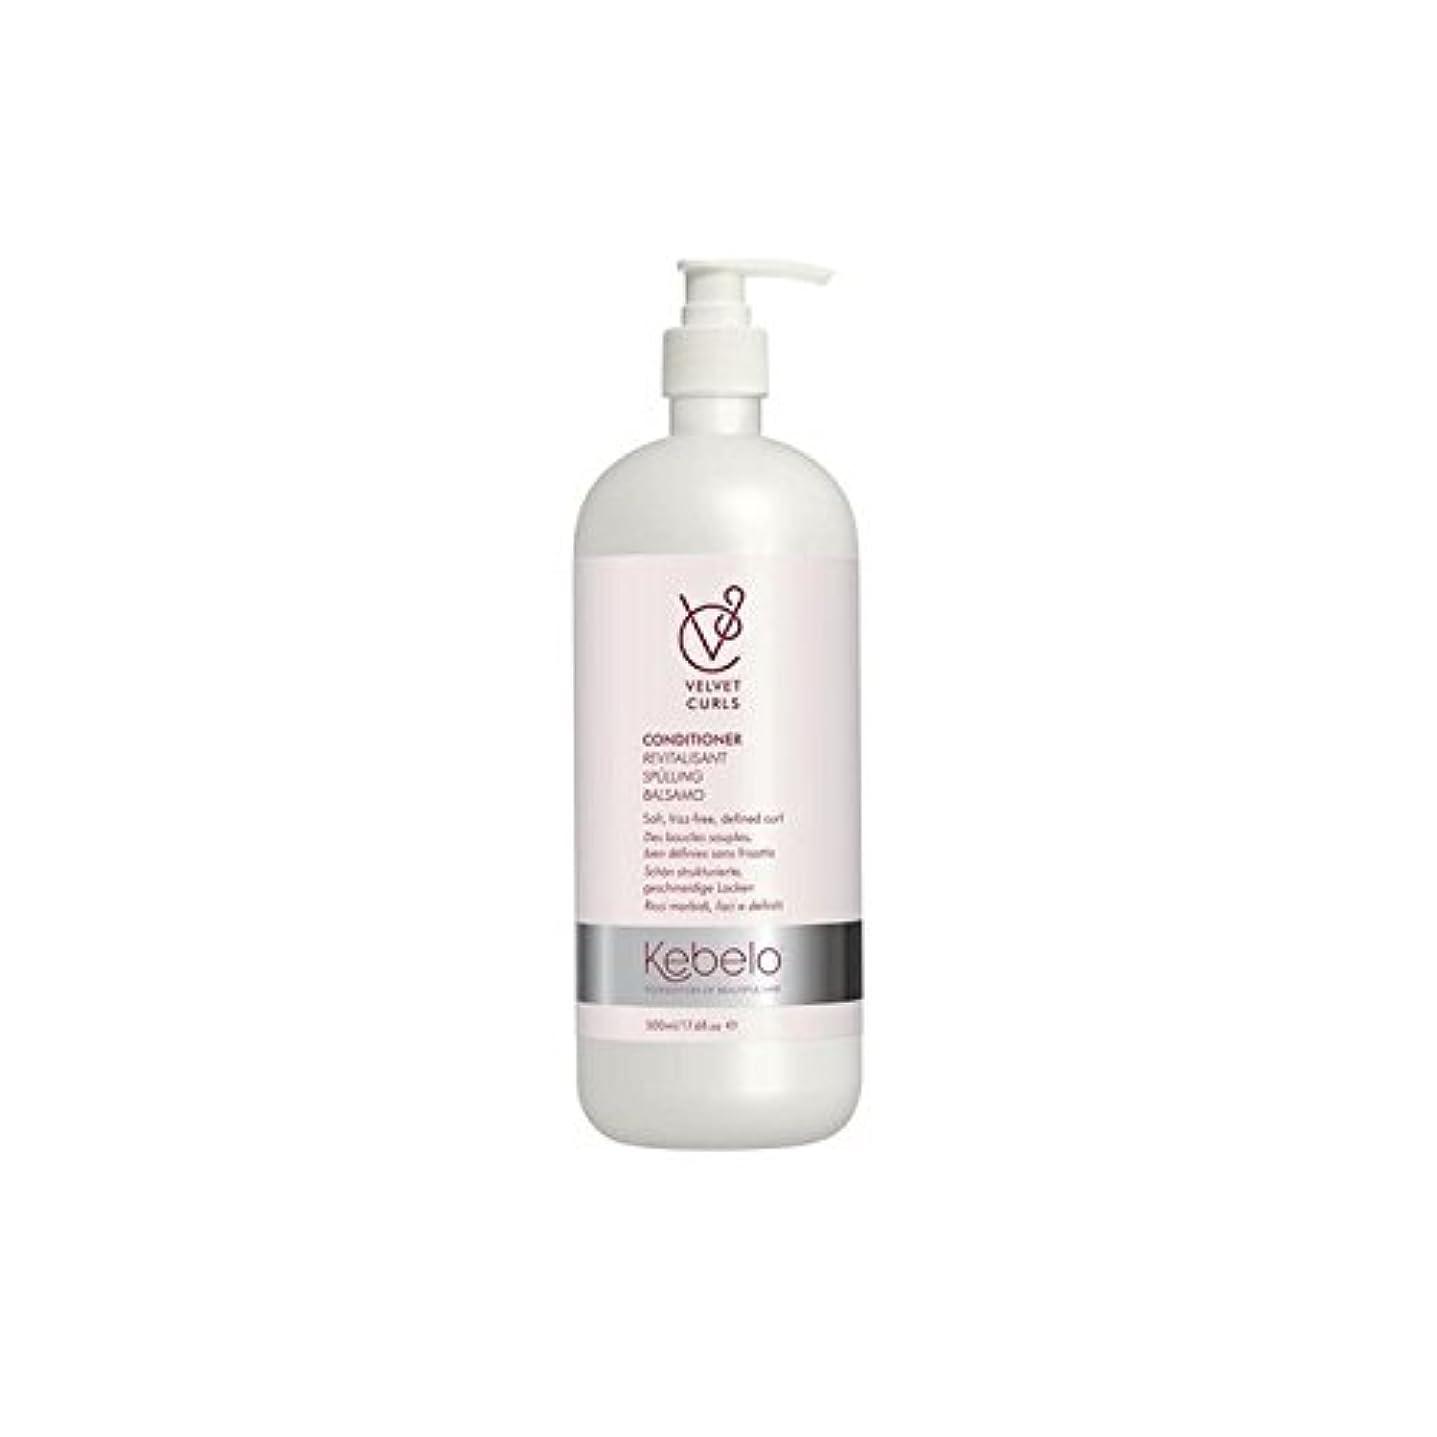 支援休みパックKebelo Velvet Curls Conditioner (500ml) (Pack of 6) - ベルベットのカールコンディショナー(500ミリリットル) x6 [並行輸入品]